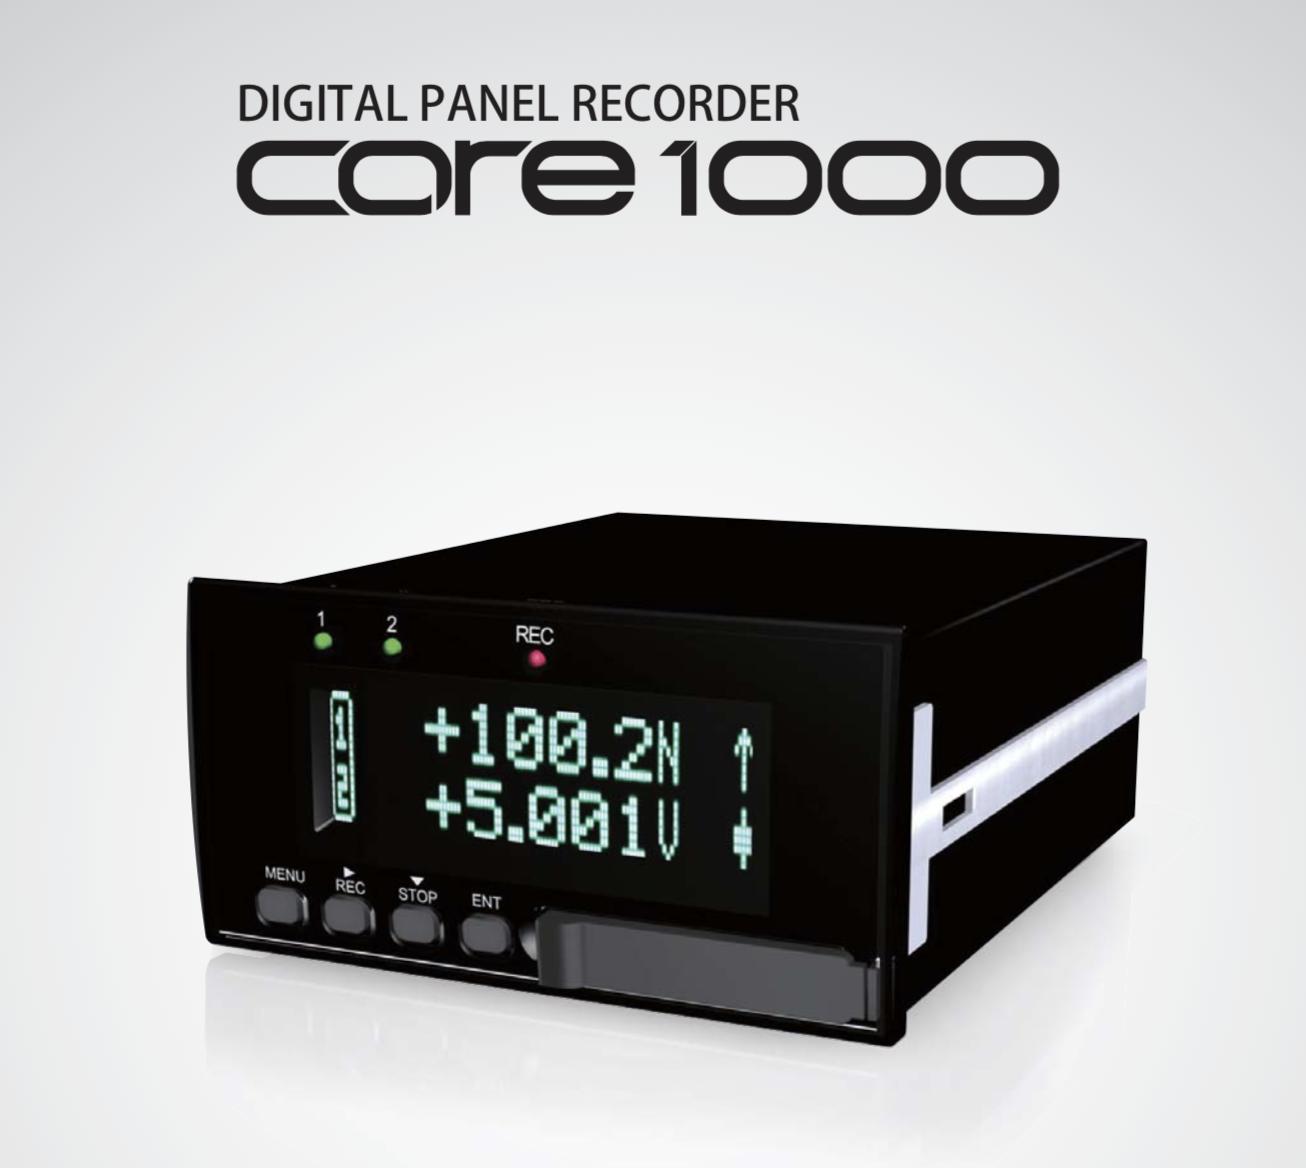 全てが新しいDIGITAL PANEL RECORDER デジタルパネルレコーダー